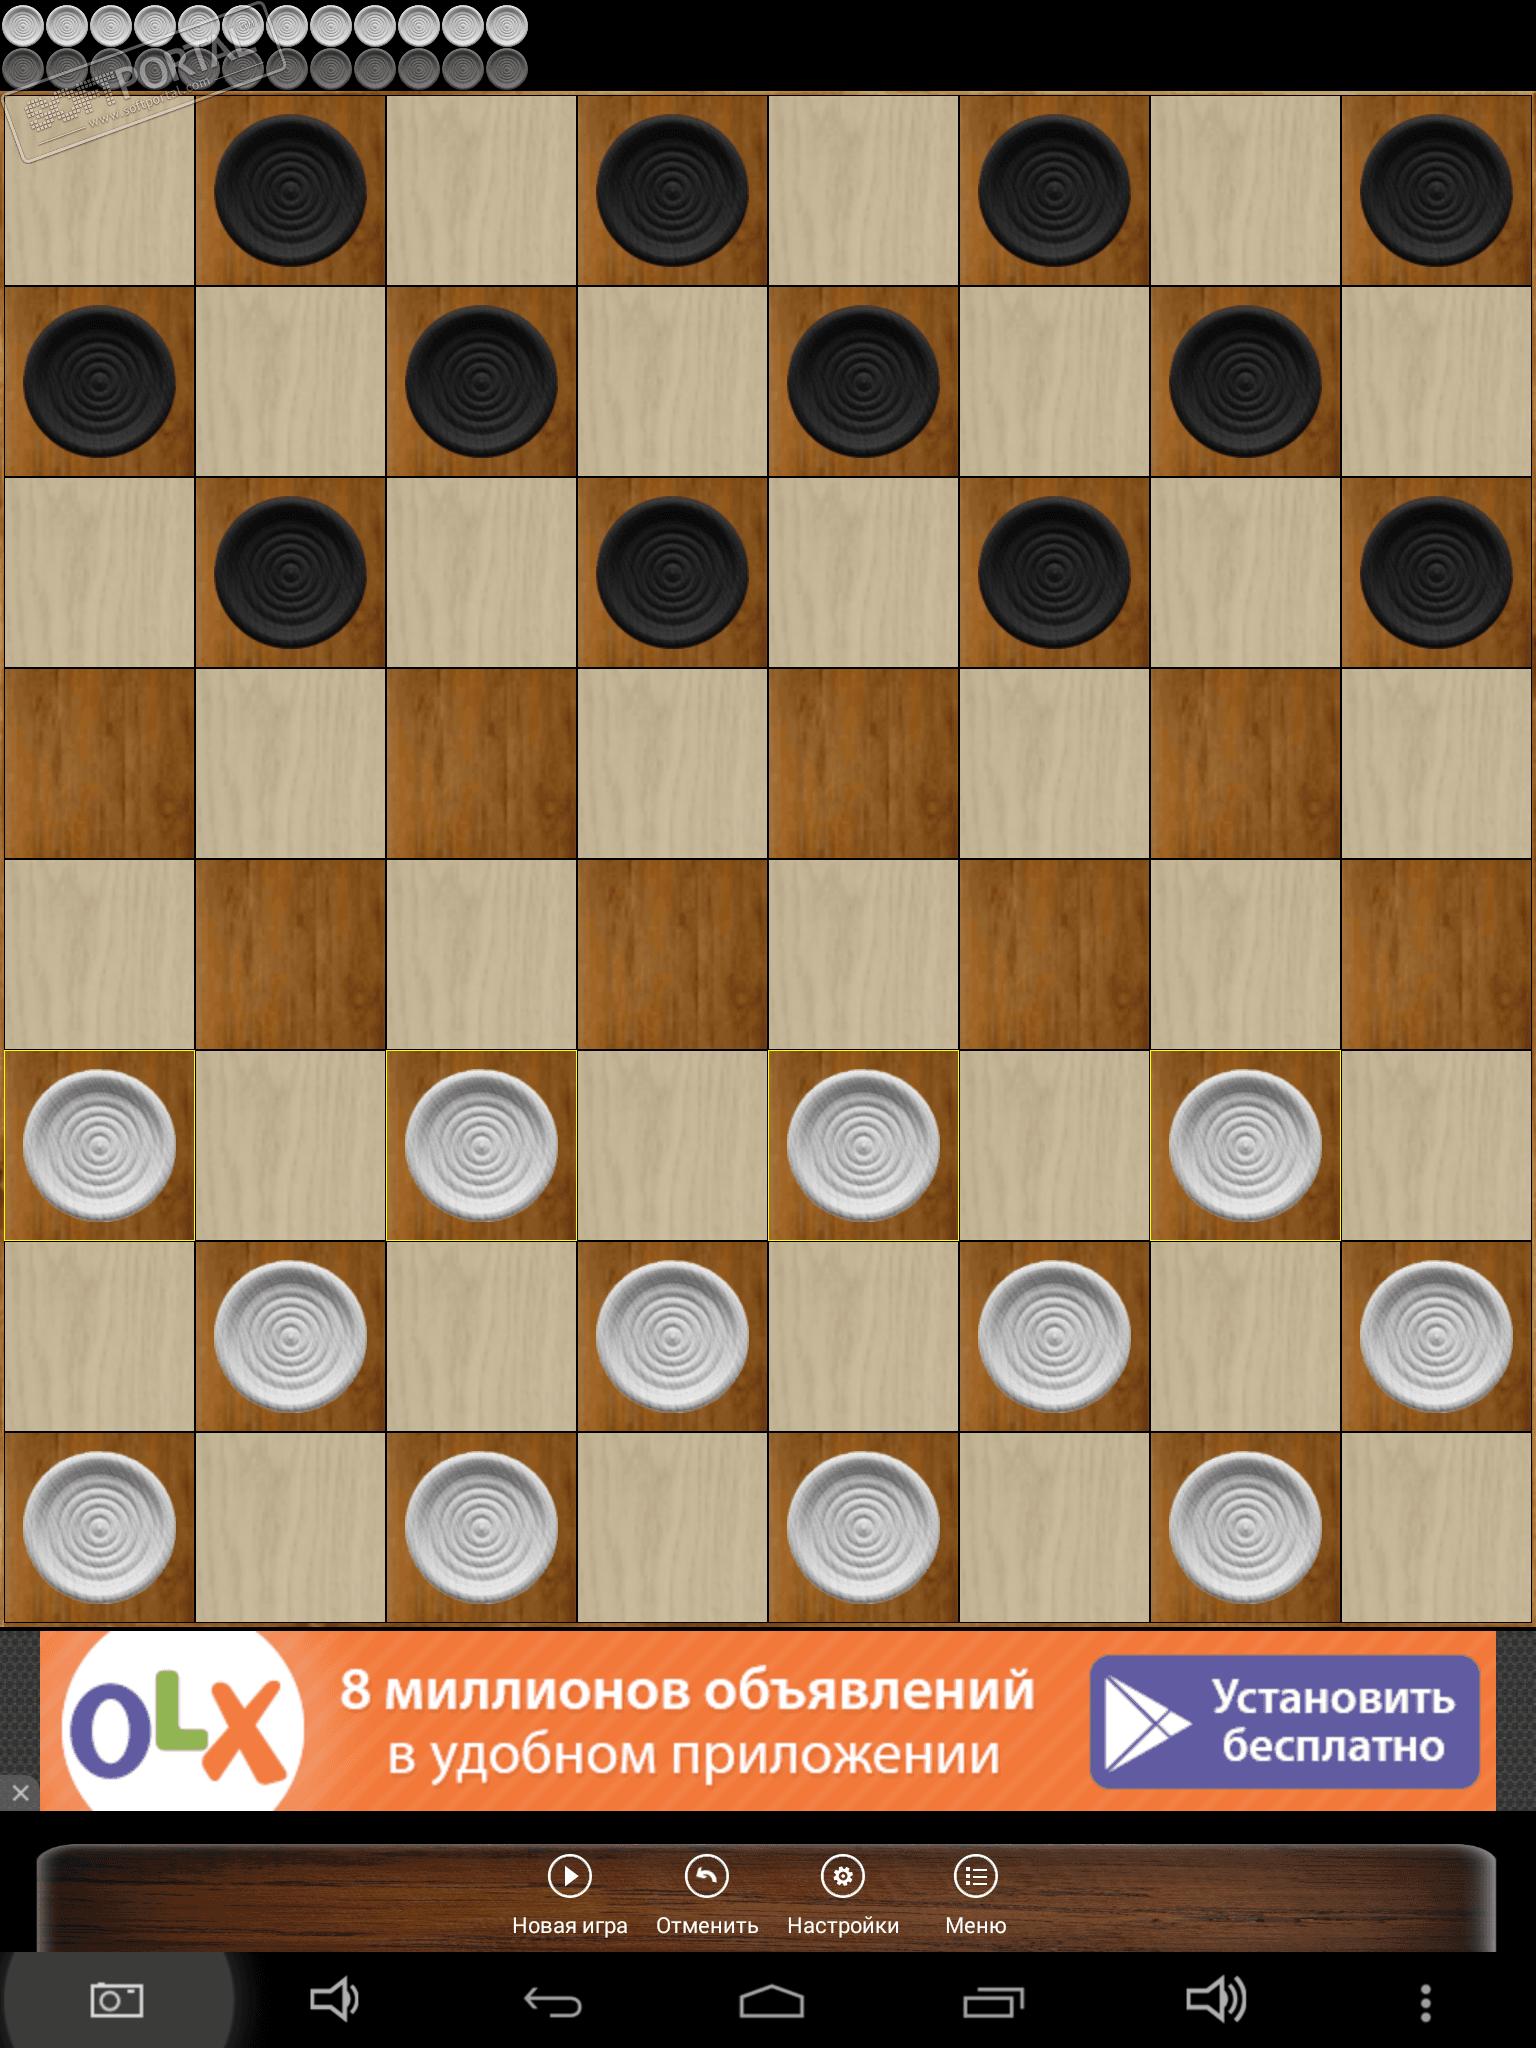 Русские стрип-шашки скачать бесплатно обзор игры скриншоты с.